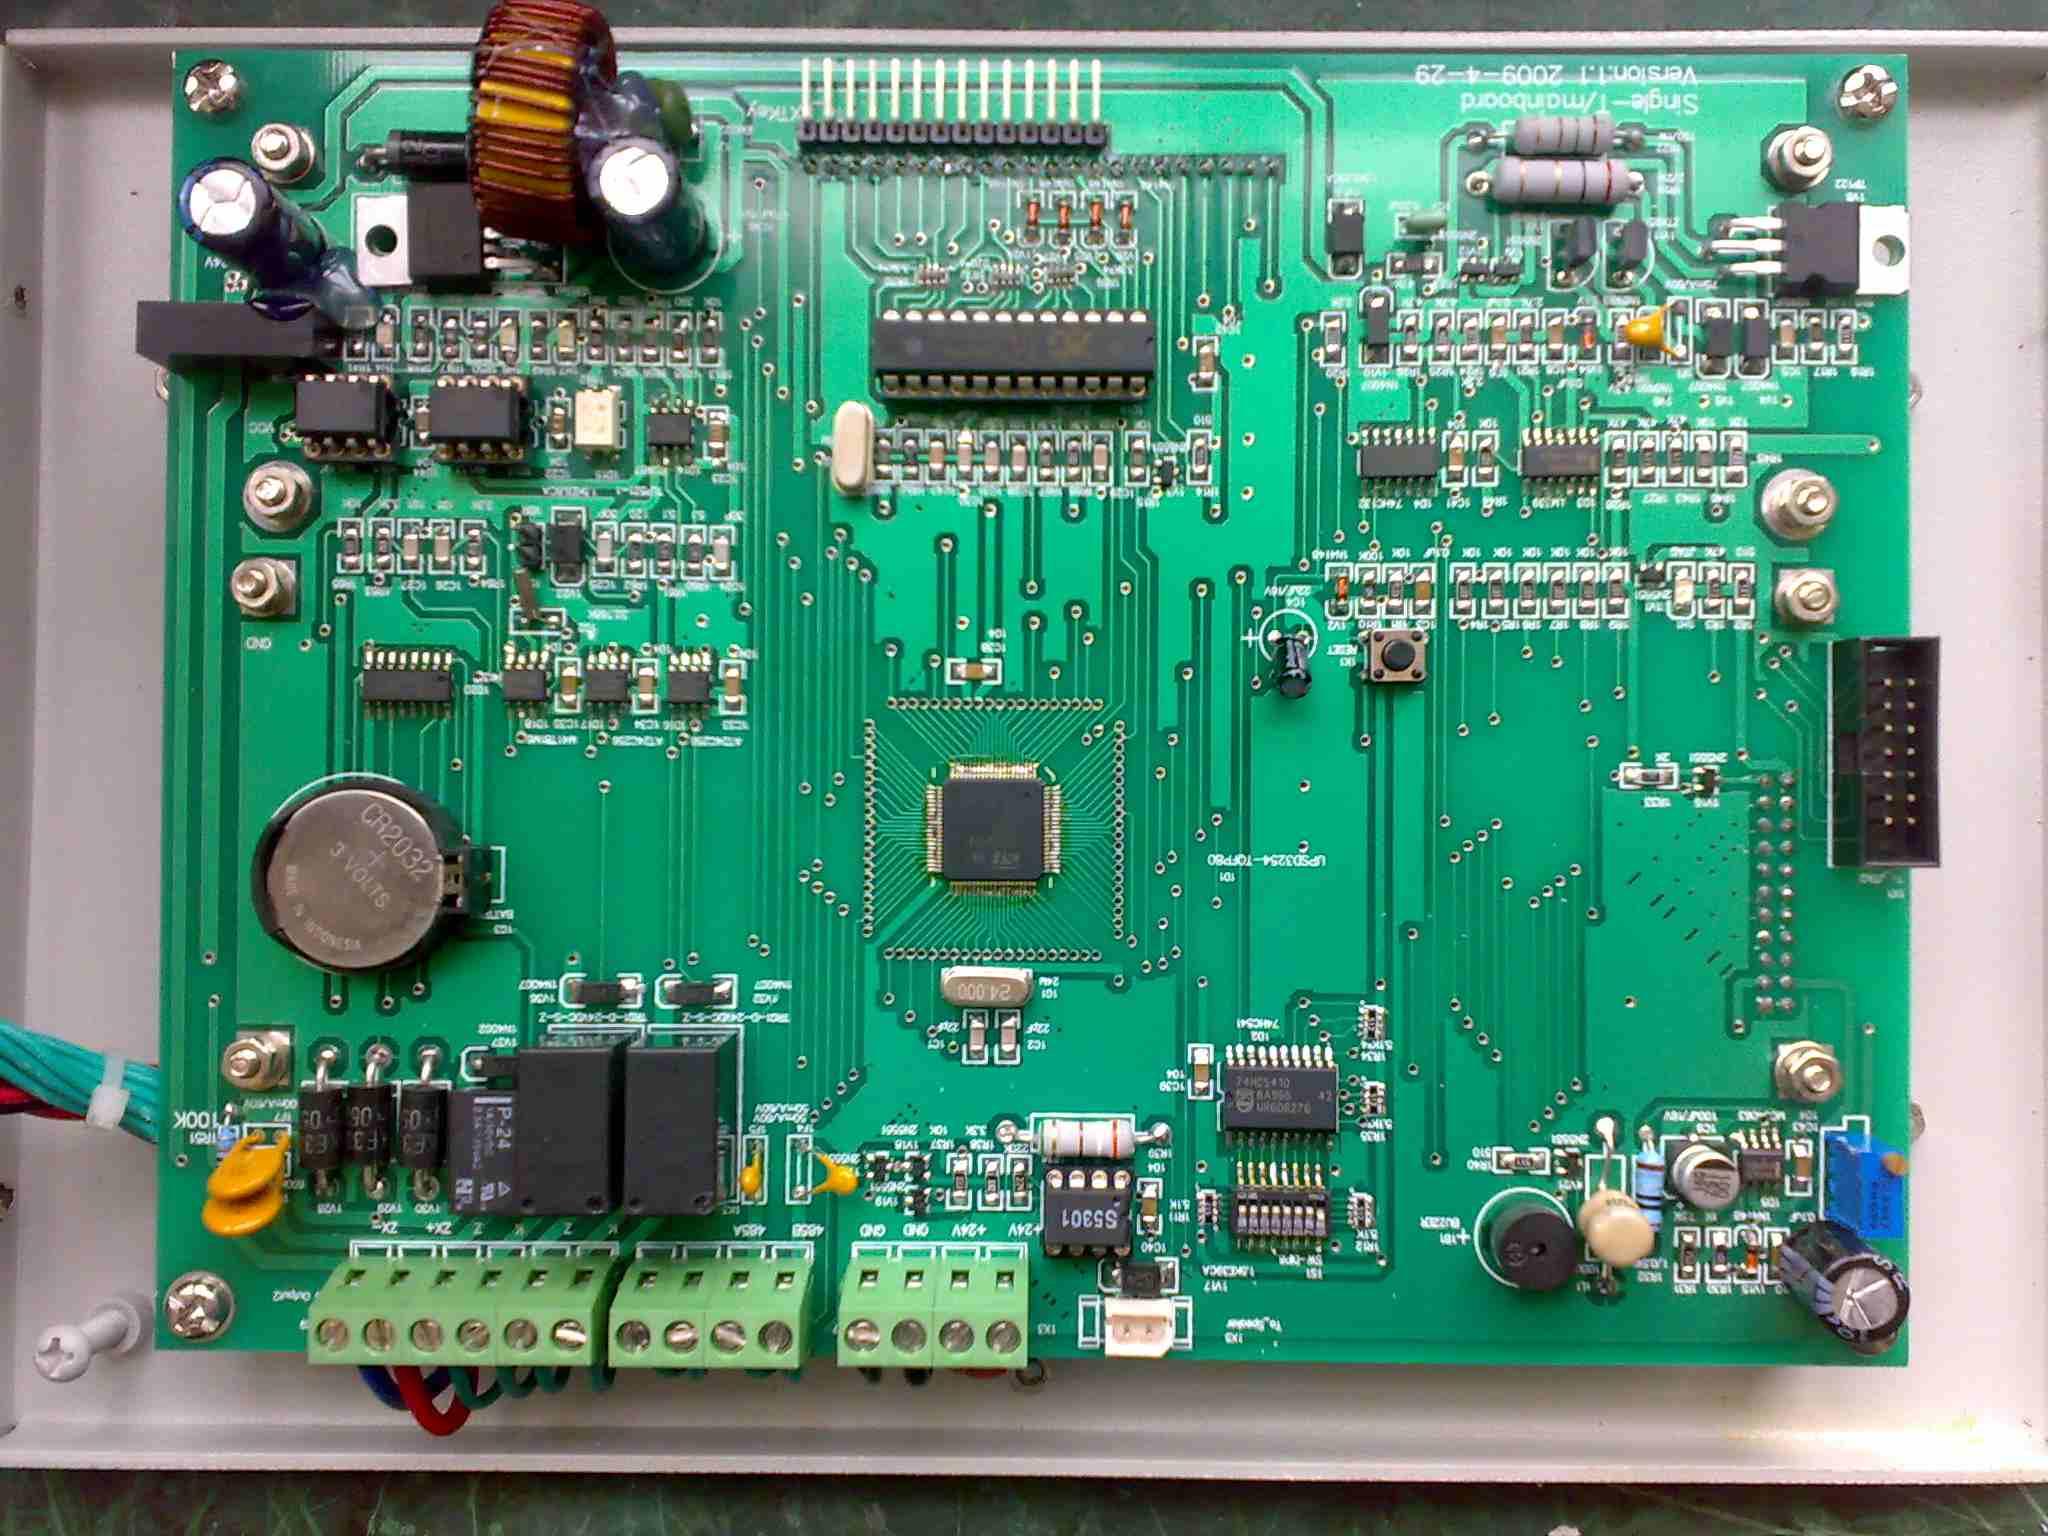 火灾报警控制器内部电路板分布图及名称